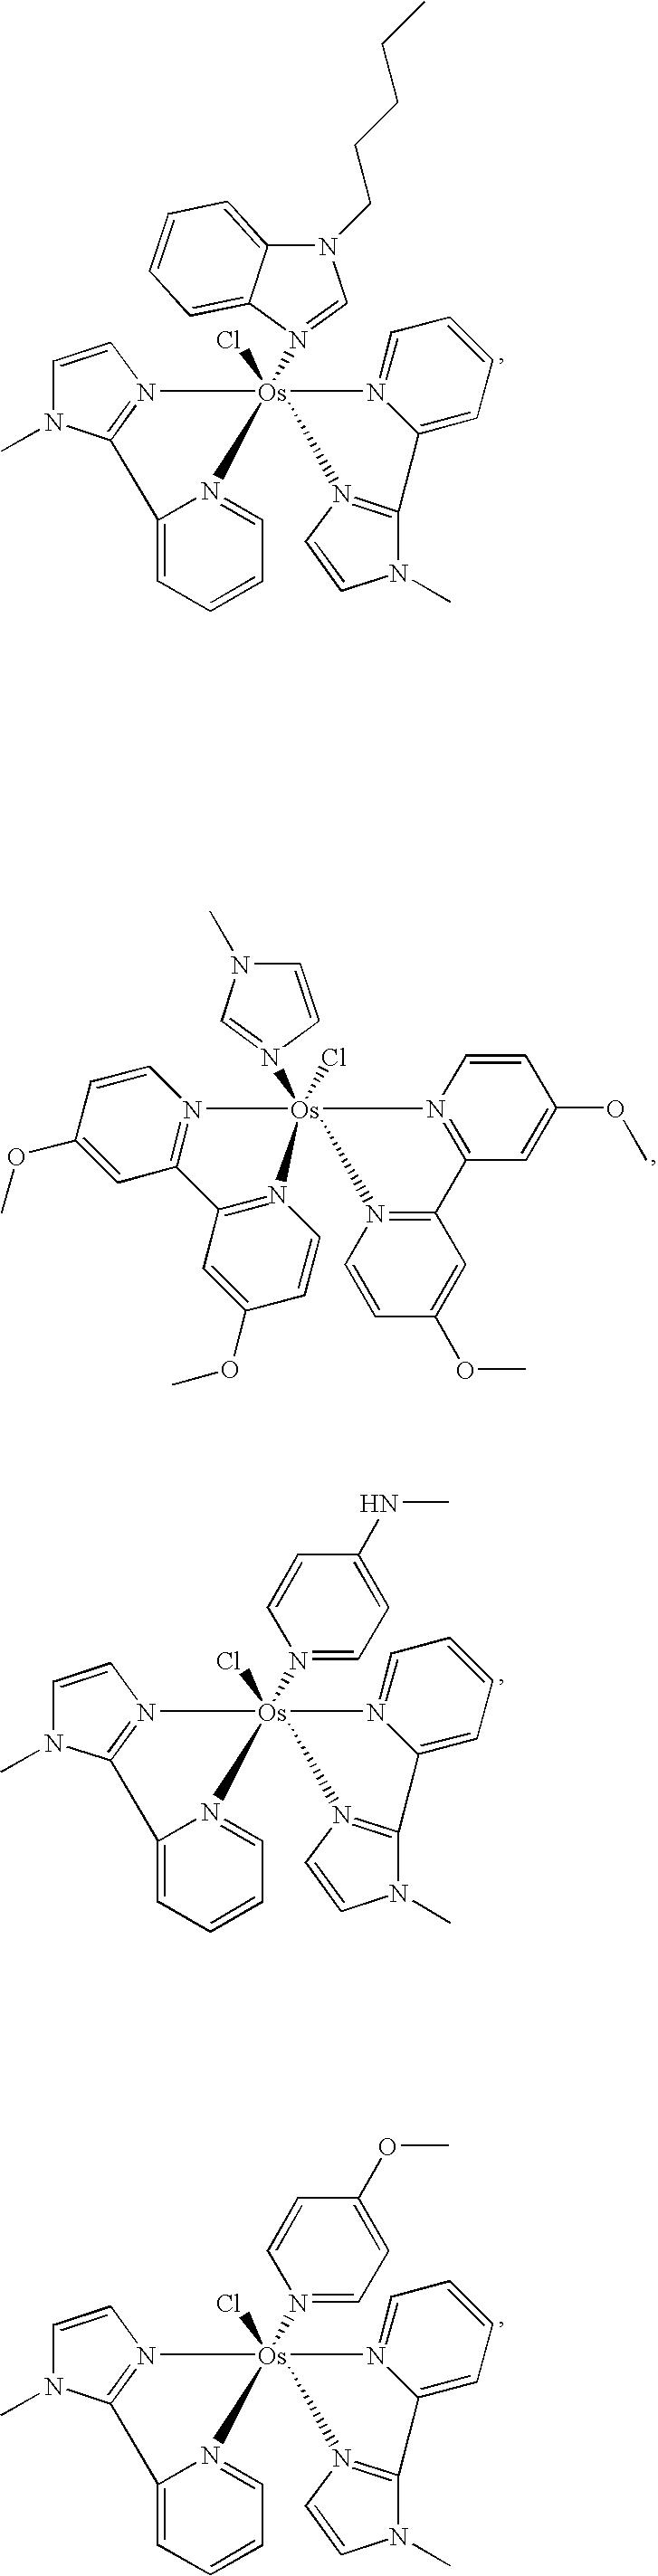 Figure US08262874-20120911-C00023